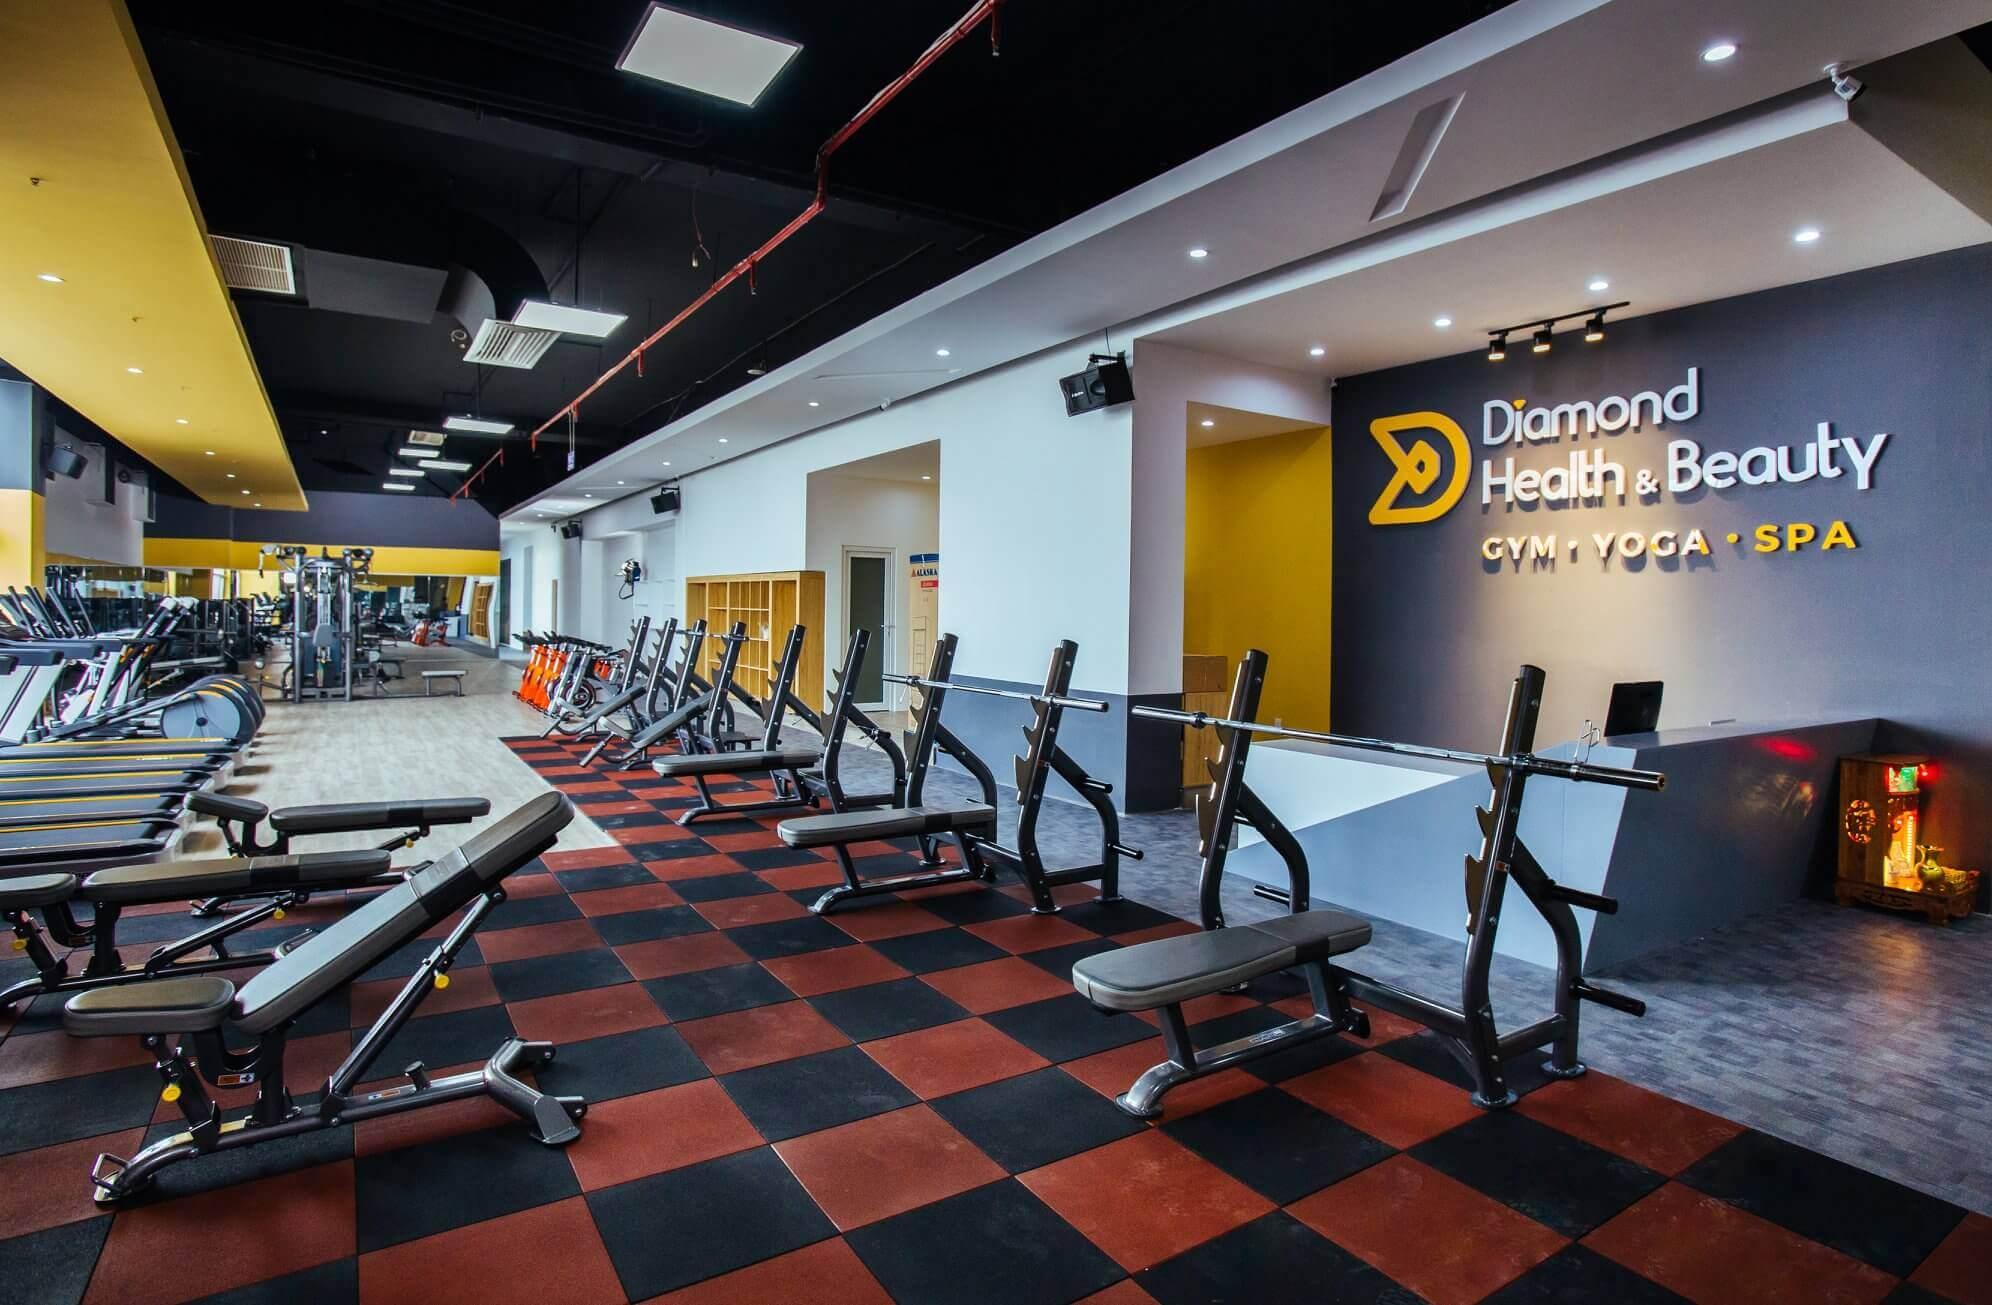 Phòng tập Diamond Health & Beauty